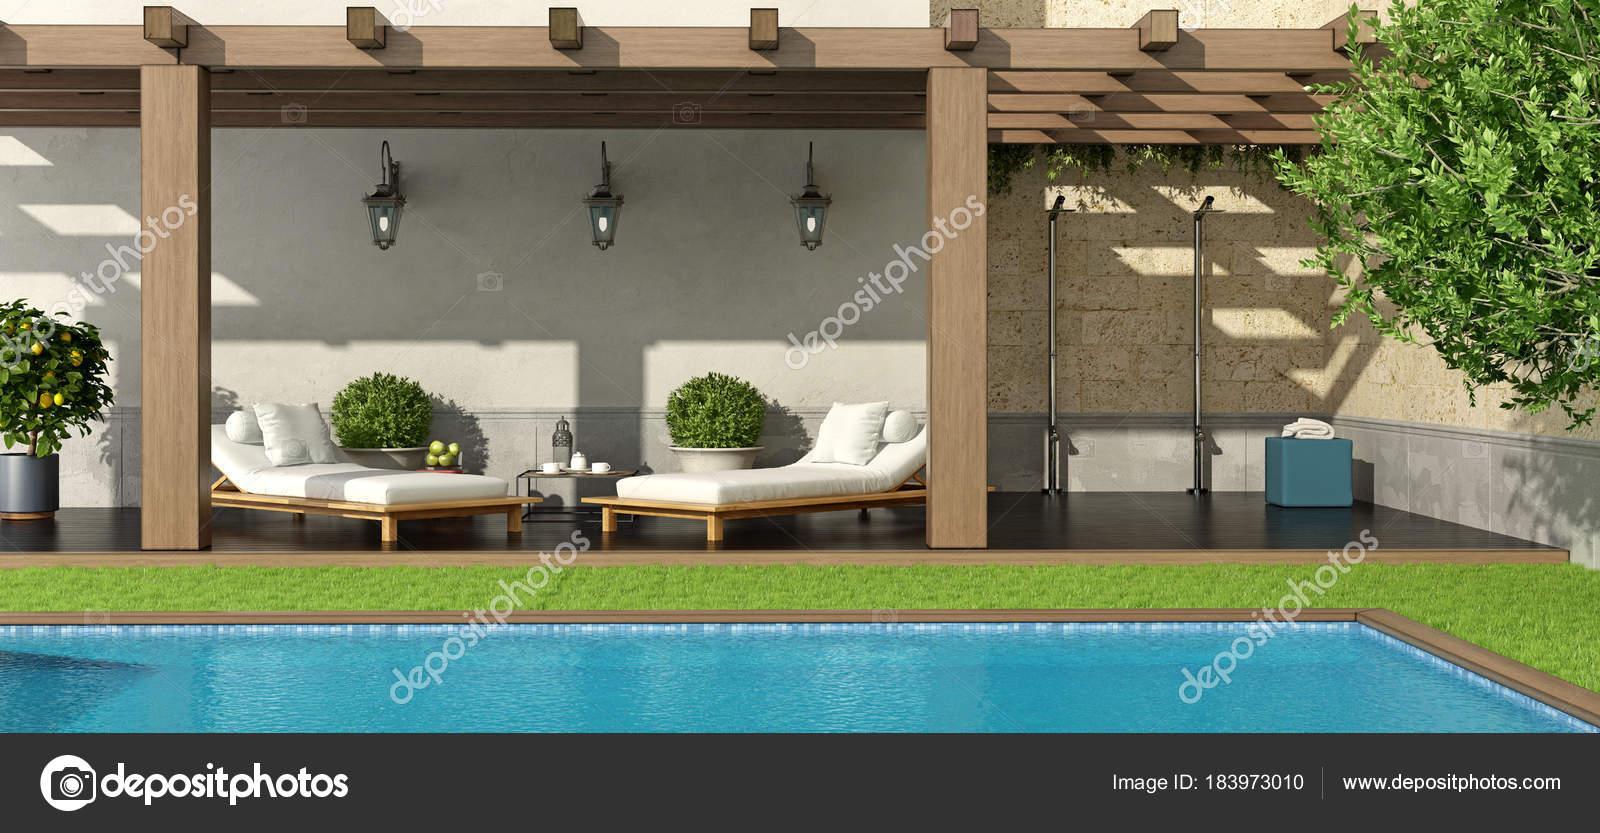 Jardin avec pergola et piscine photographie archideaphoto 183973010 - Pergola piscine ...